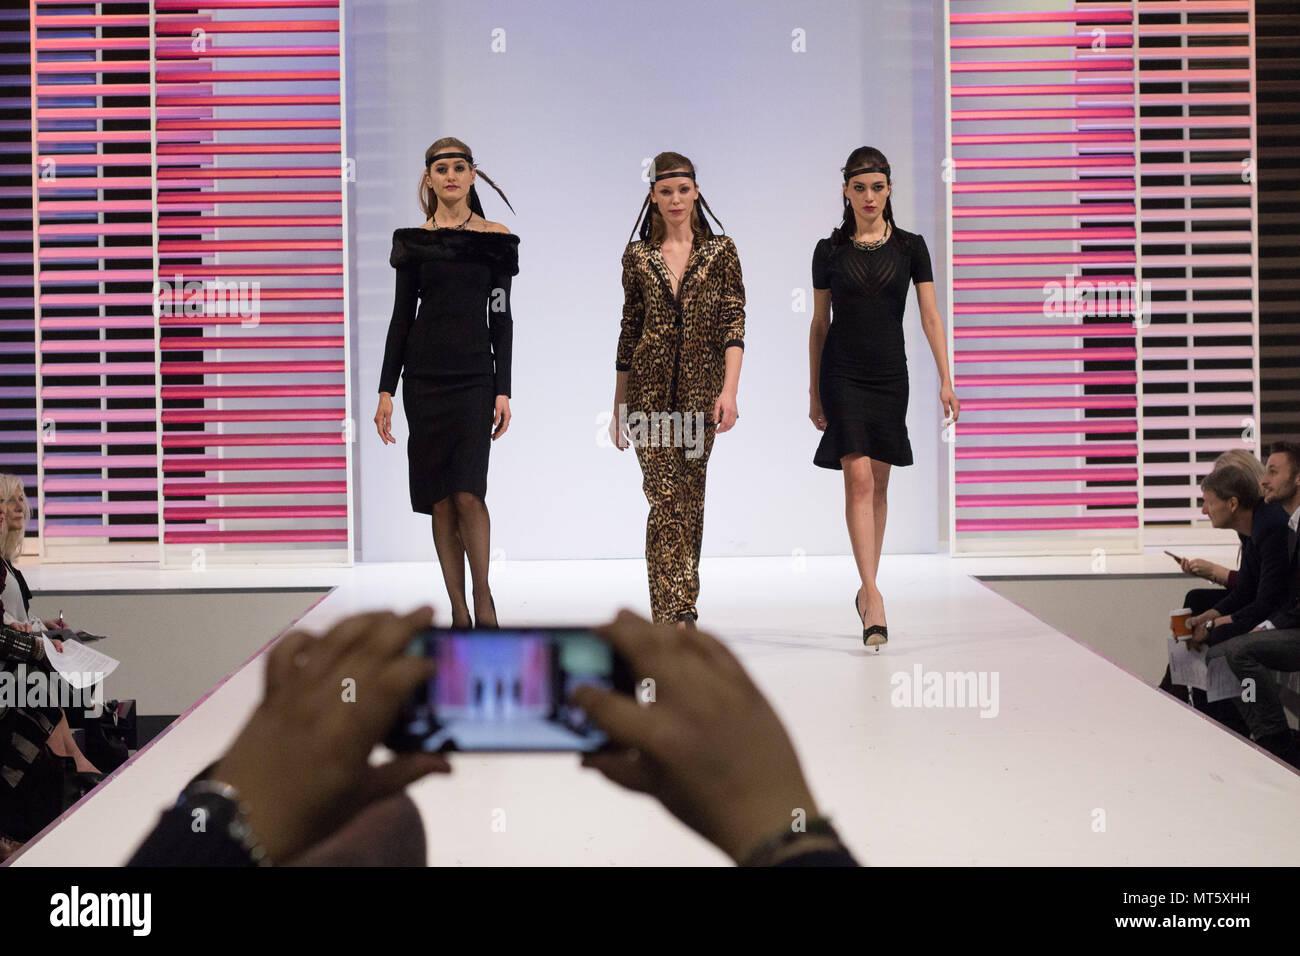 Fashion Show en Moda Exposición Imagen De Stock